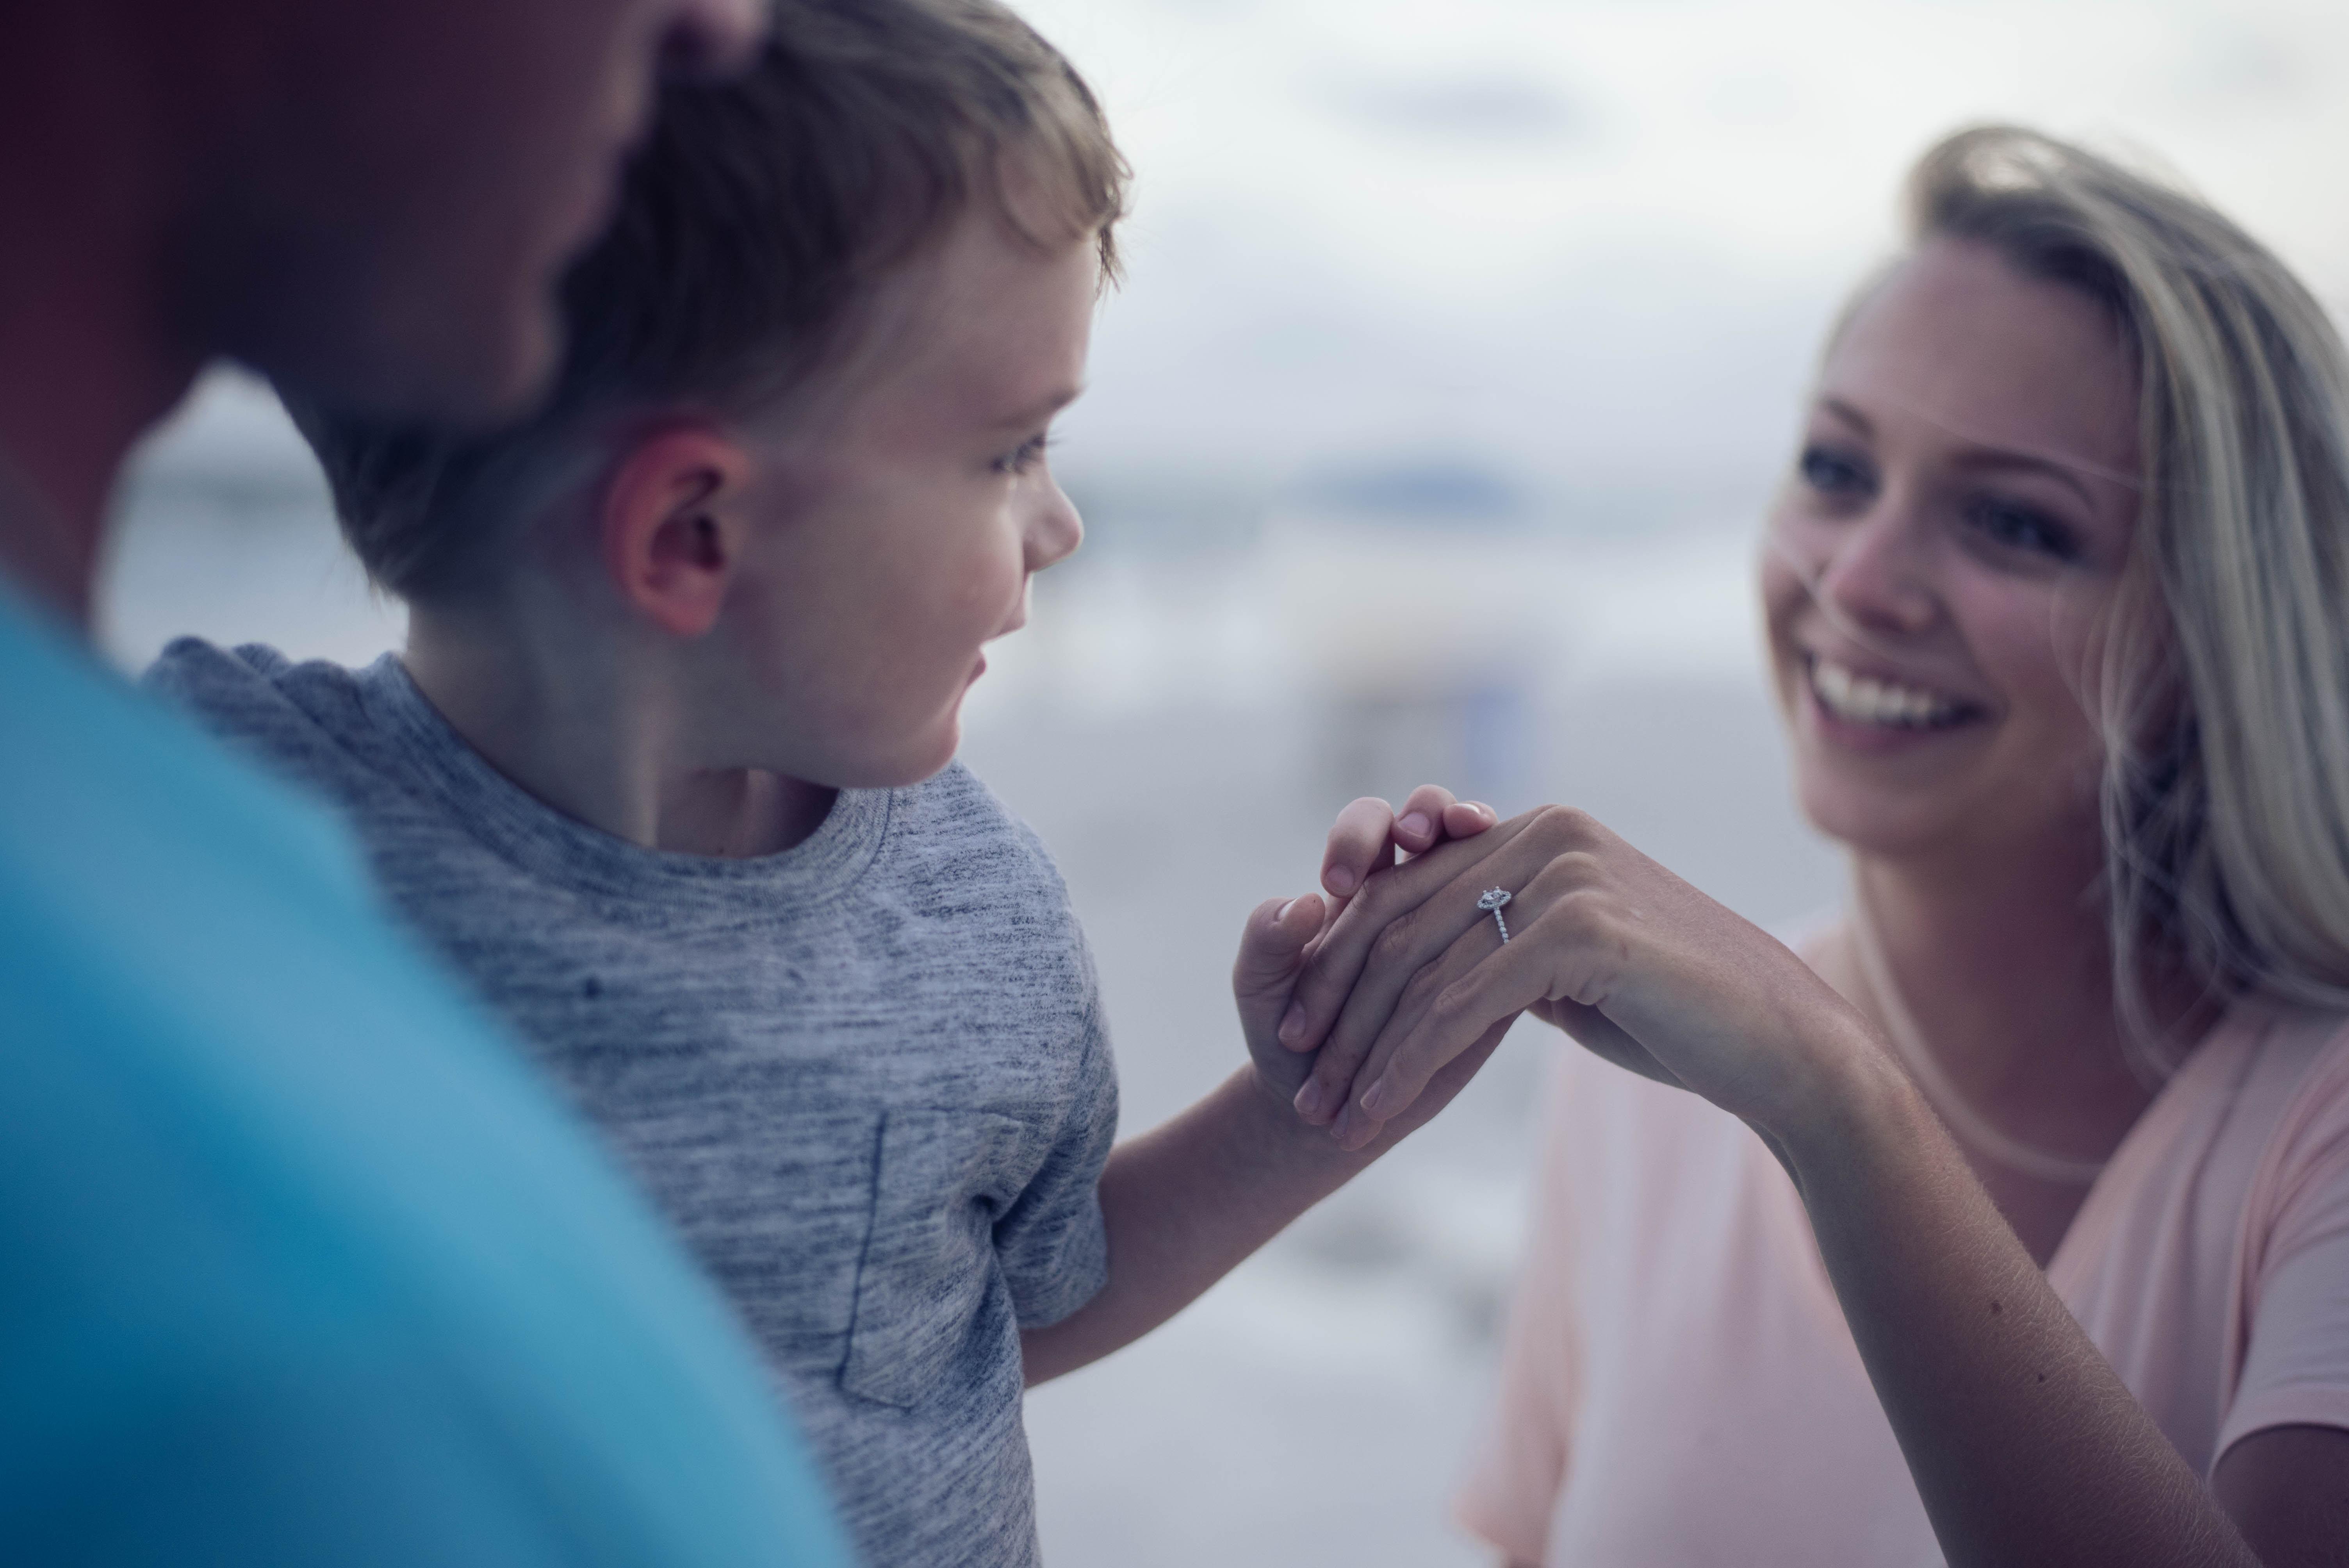 ein Kleinkind dreht sich zu einer lachenden Frau um und gibt ihr seine Hand